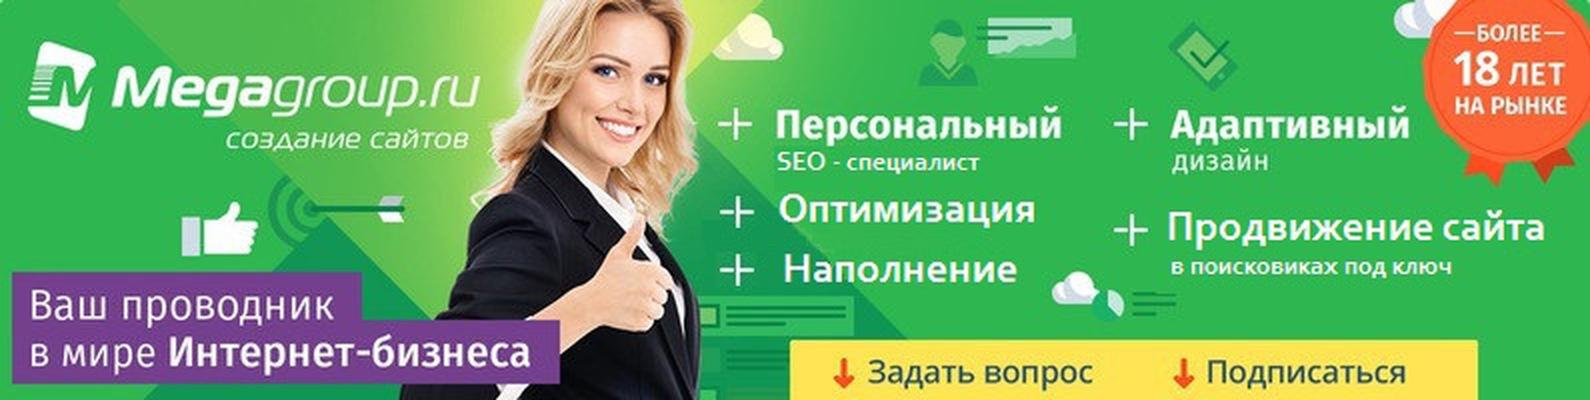 Megagroup создание сайта сордис сайт компании